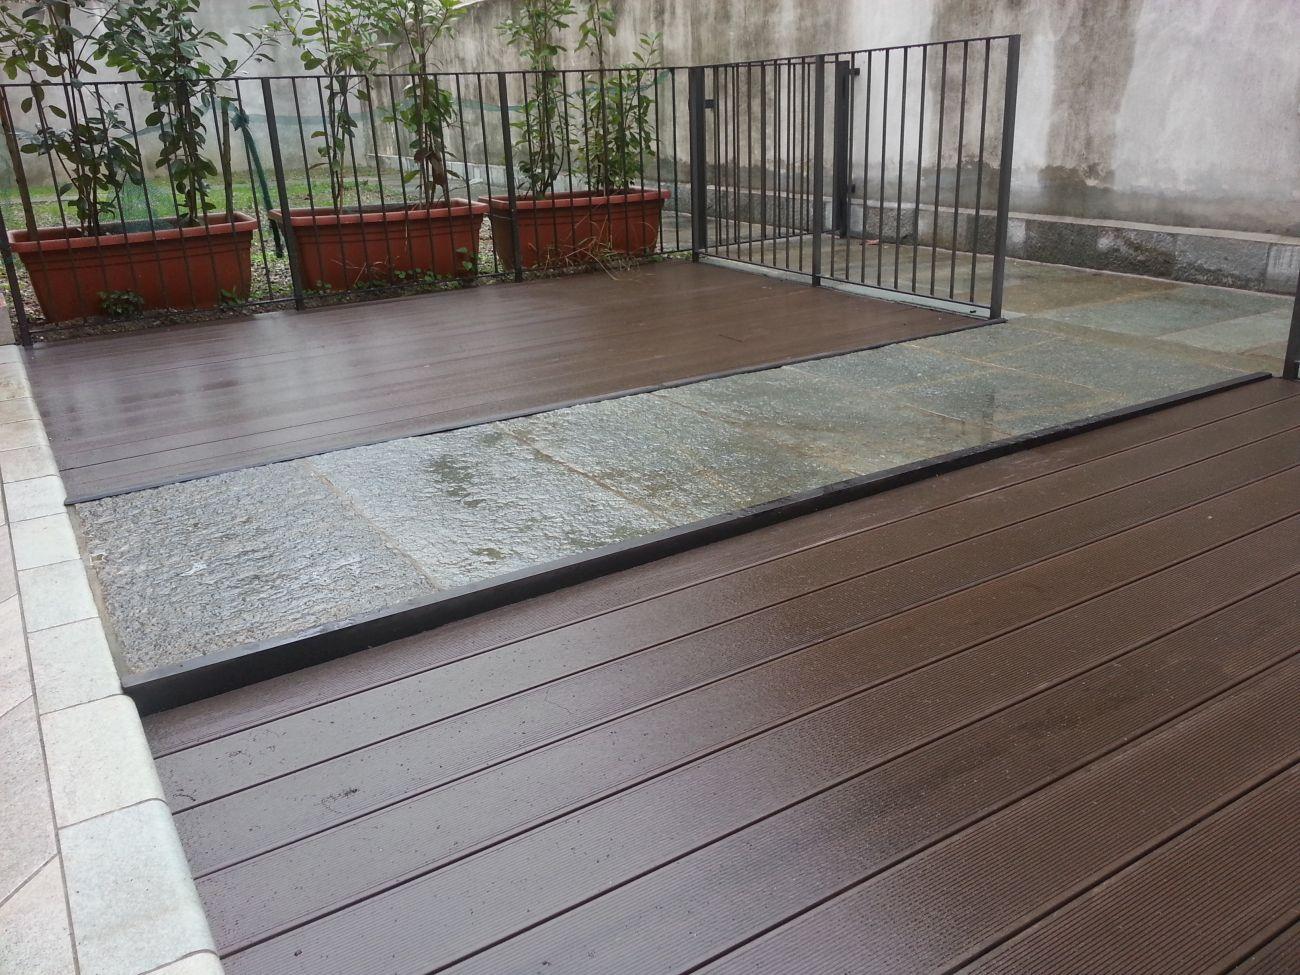 Pavimenti Per Terrazze Esterne. Piastrelle Per Balconi Esterni Con ...